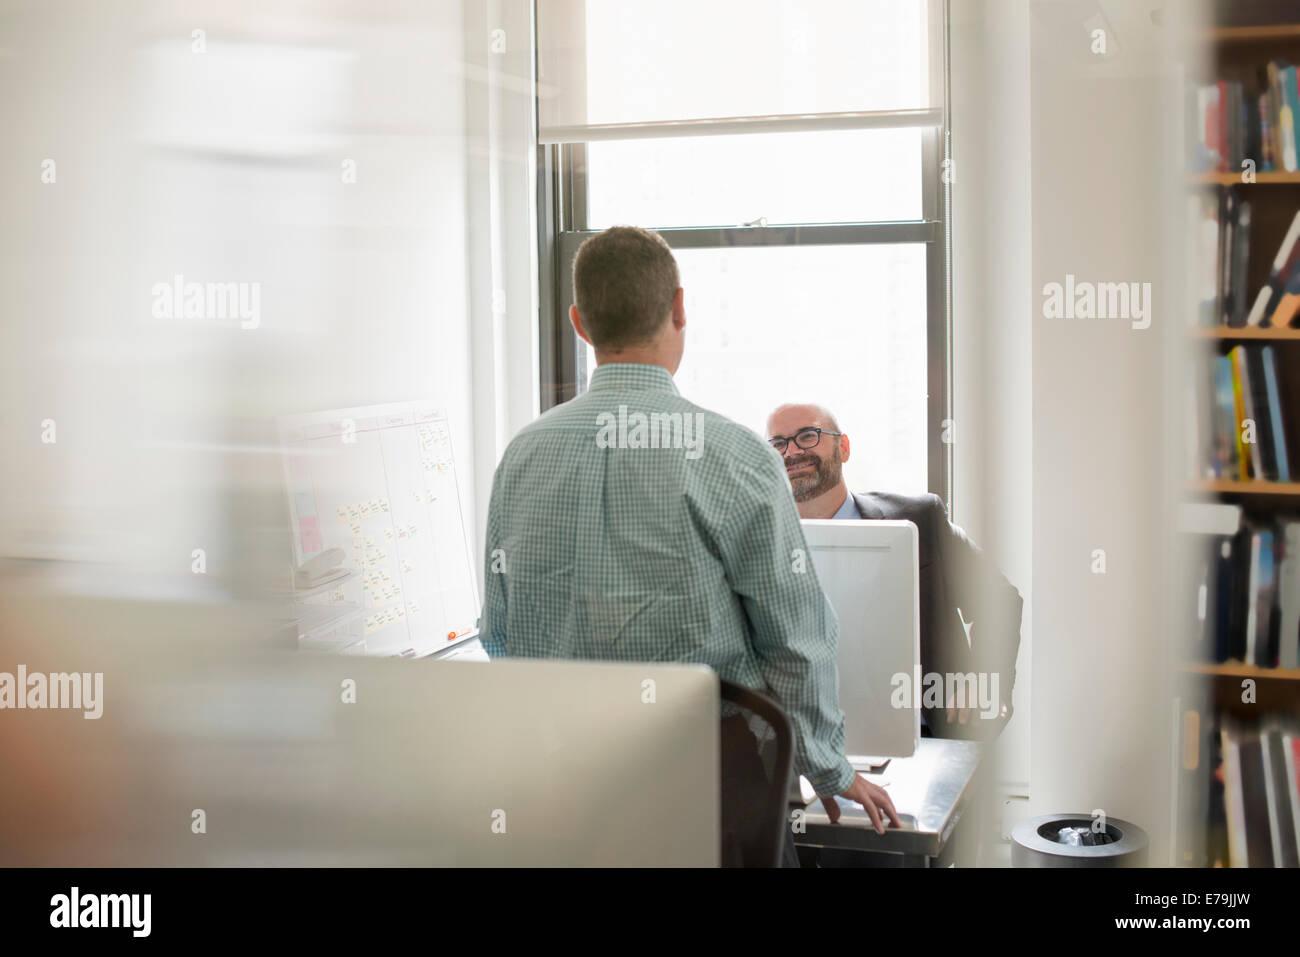 Vida de oficina. Dos personas, empresarios hablar unos con otros sobre sus escritorios. Imagen De Stock